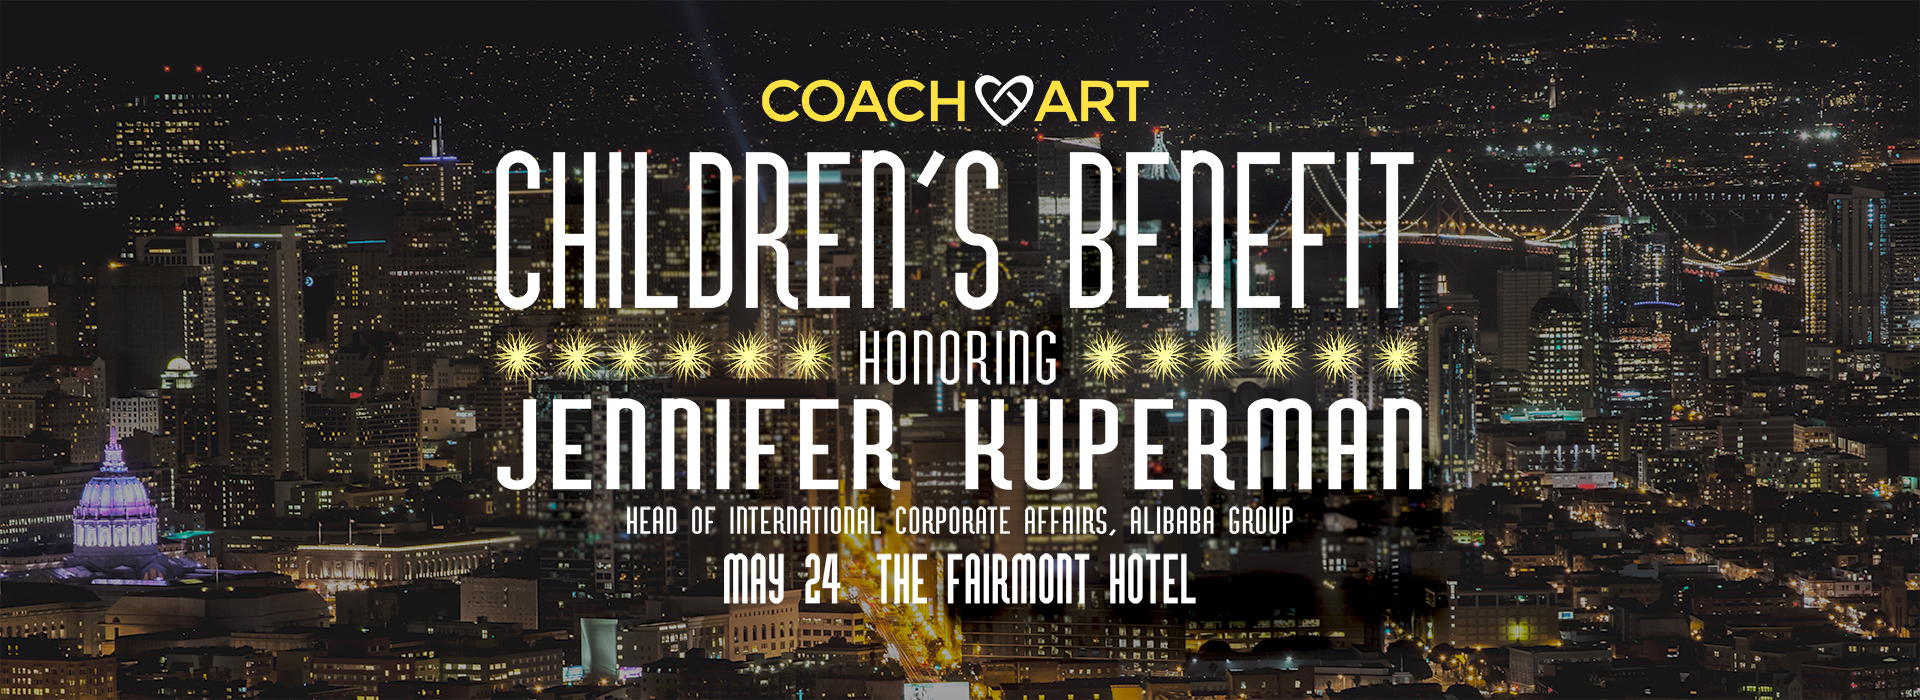 coach-art-banner=1920-700